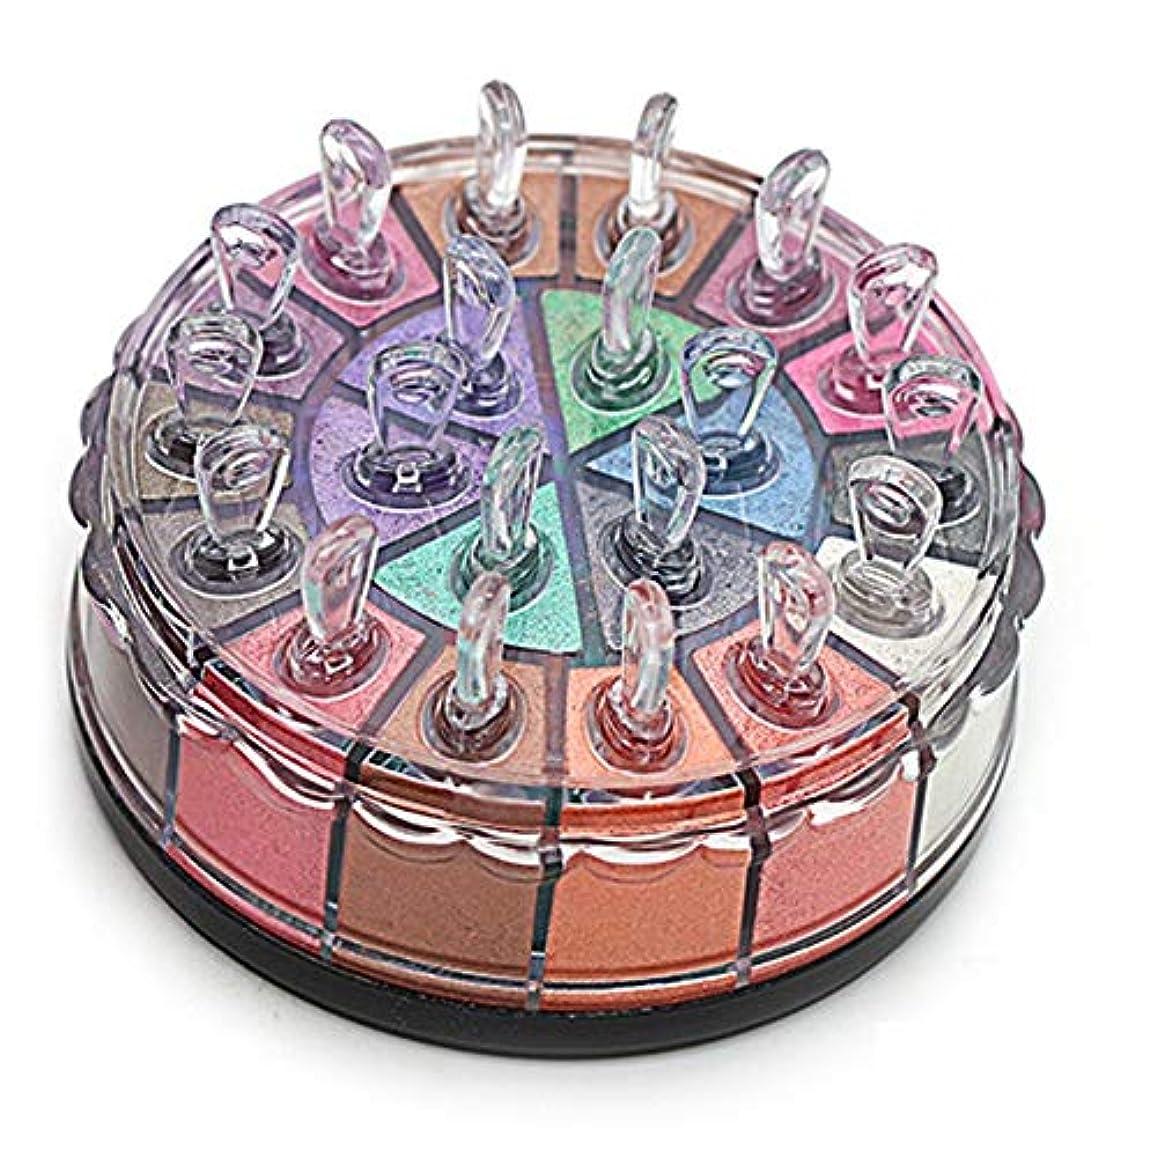 スポーツの試合を担当している人管理するマディソンAkane アイシャドウパレット INS 人気 ファッション 超便利 キラキラ 欧米風 綺麗 可愛い 高級 つや消し マット Eye Shadow (20色)